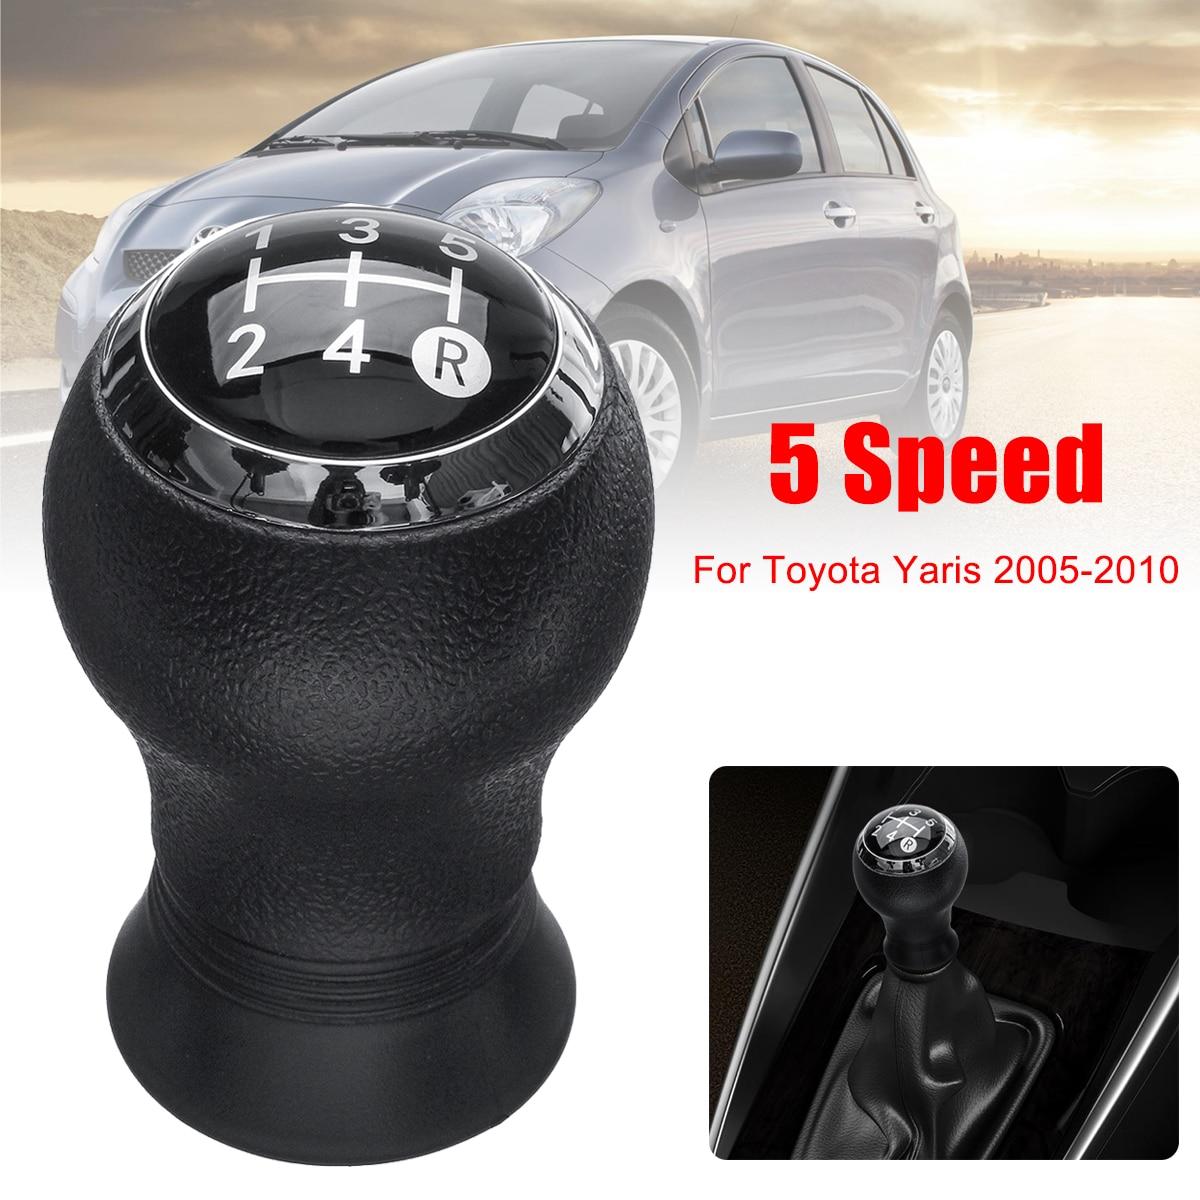 Für Toyota Yaris 2005-2010 5 Geschwindigkeit MT Auto Schaltknauf Kopf Schaltknauf Abdeckung Shifter Hebel Stick